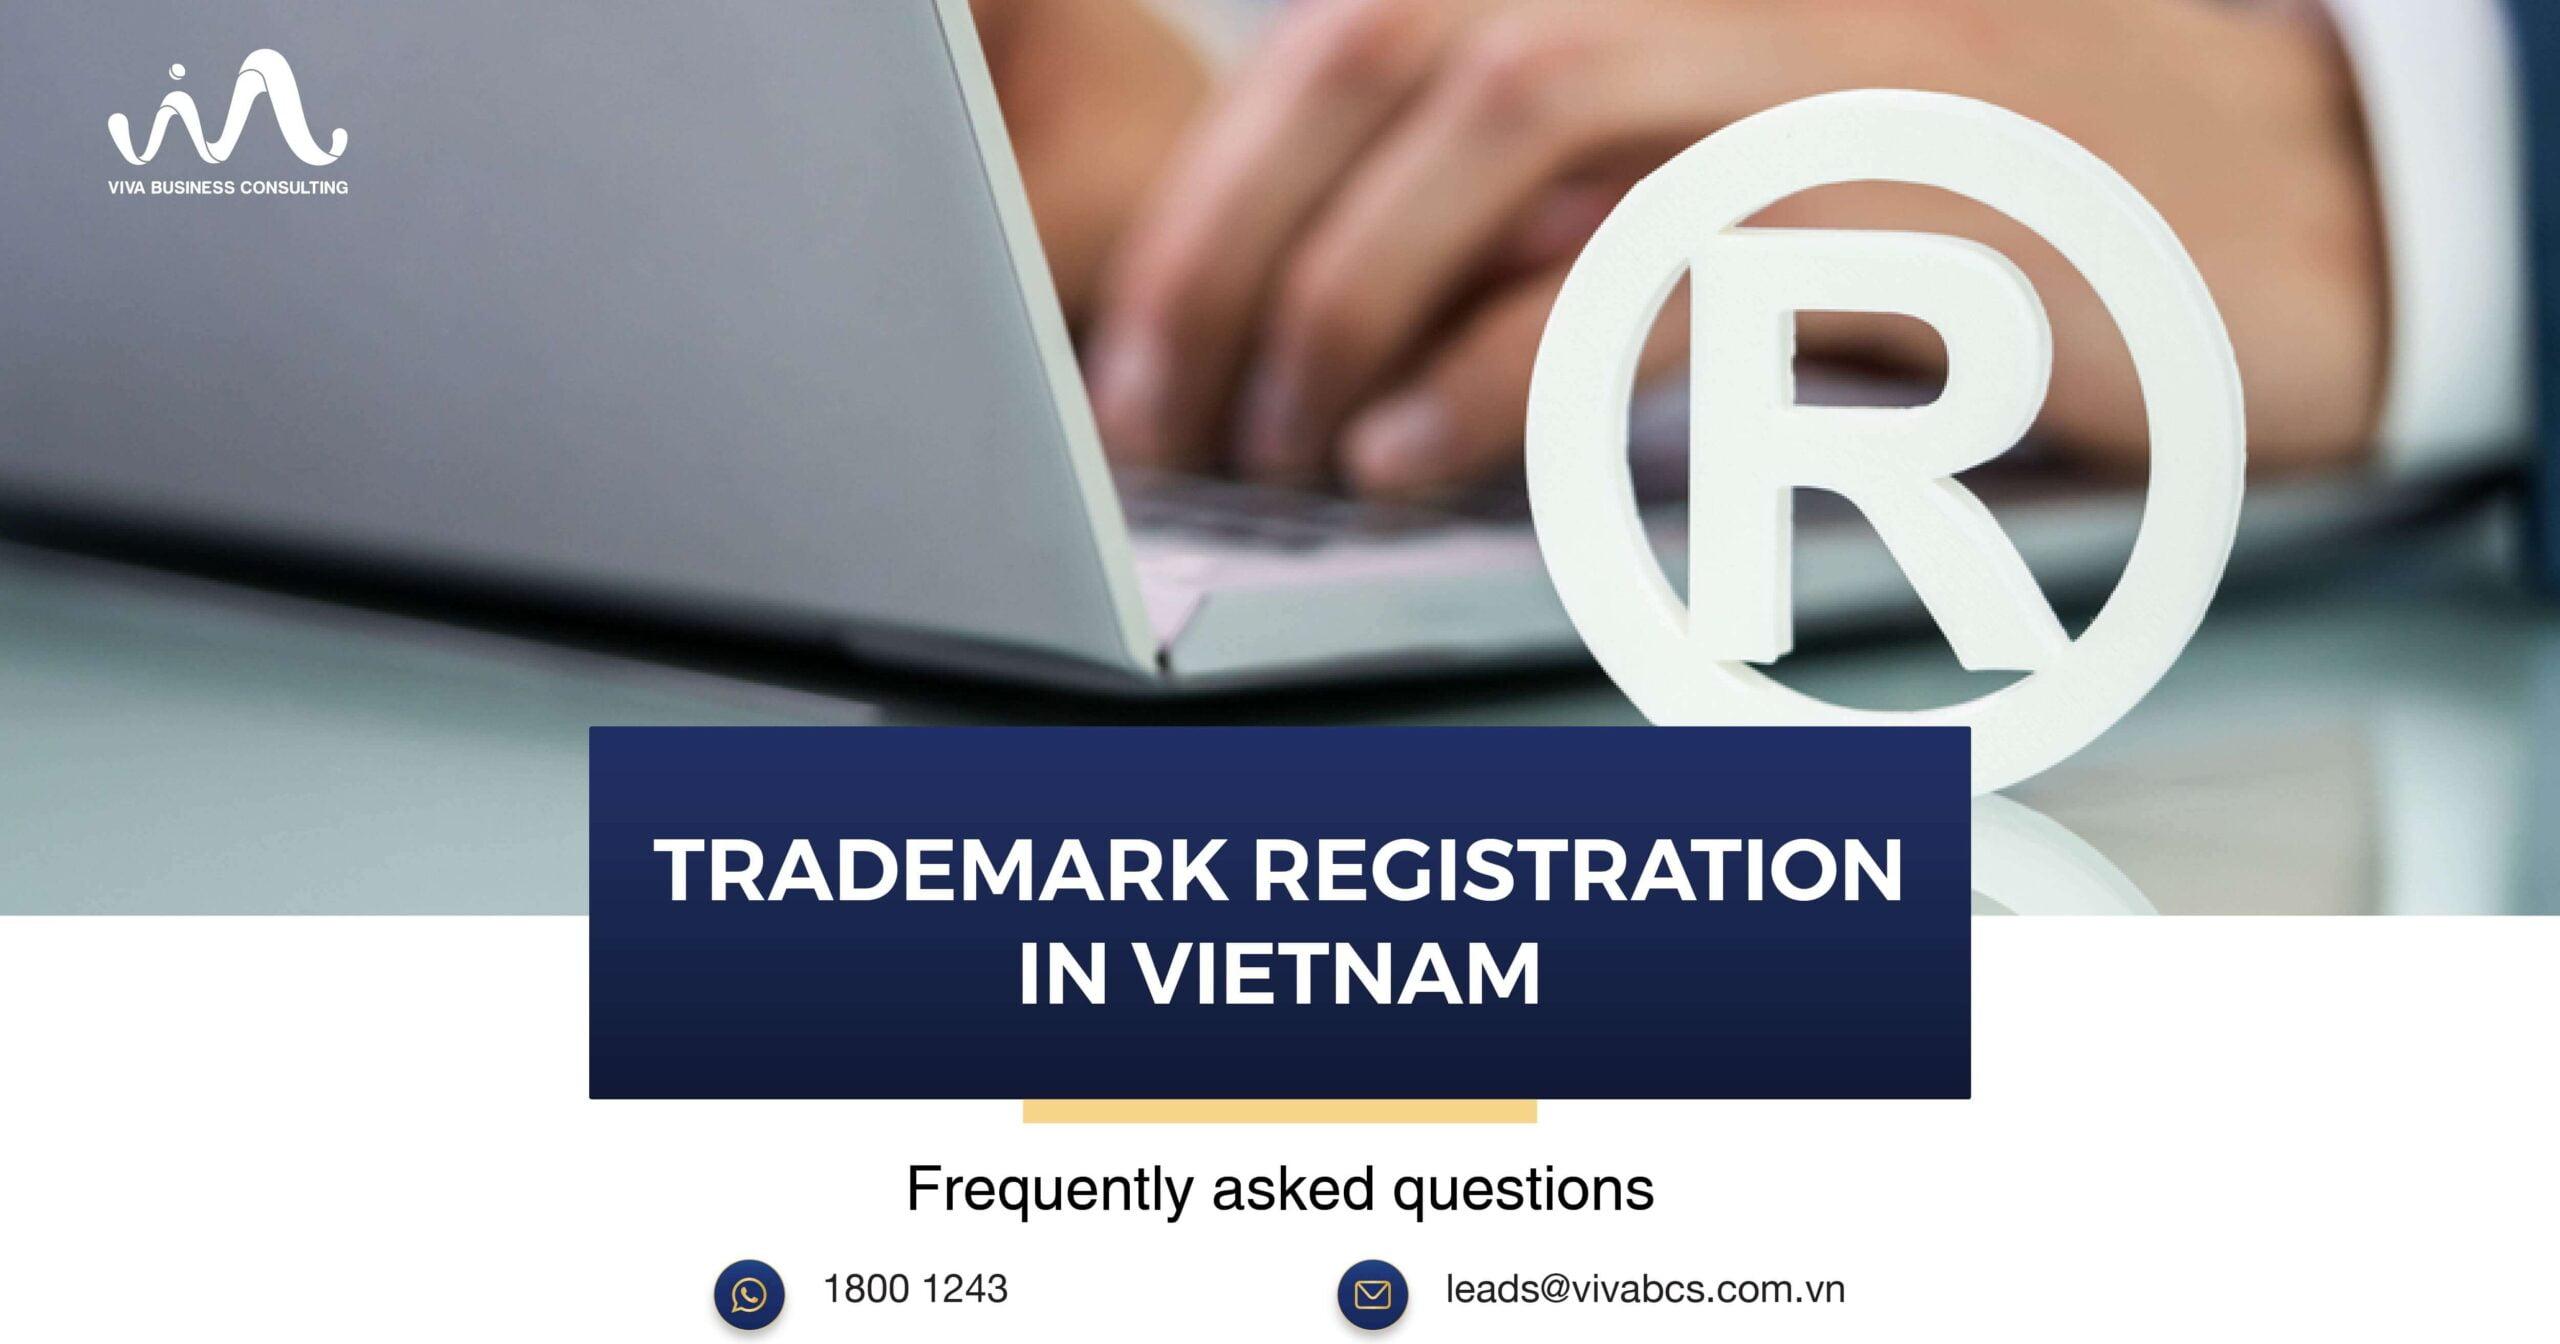 Trademark protection in Vietnam